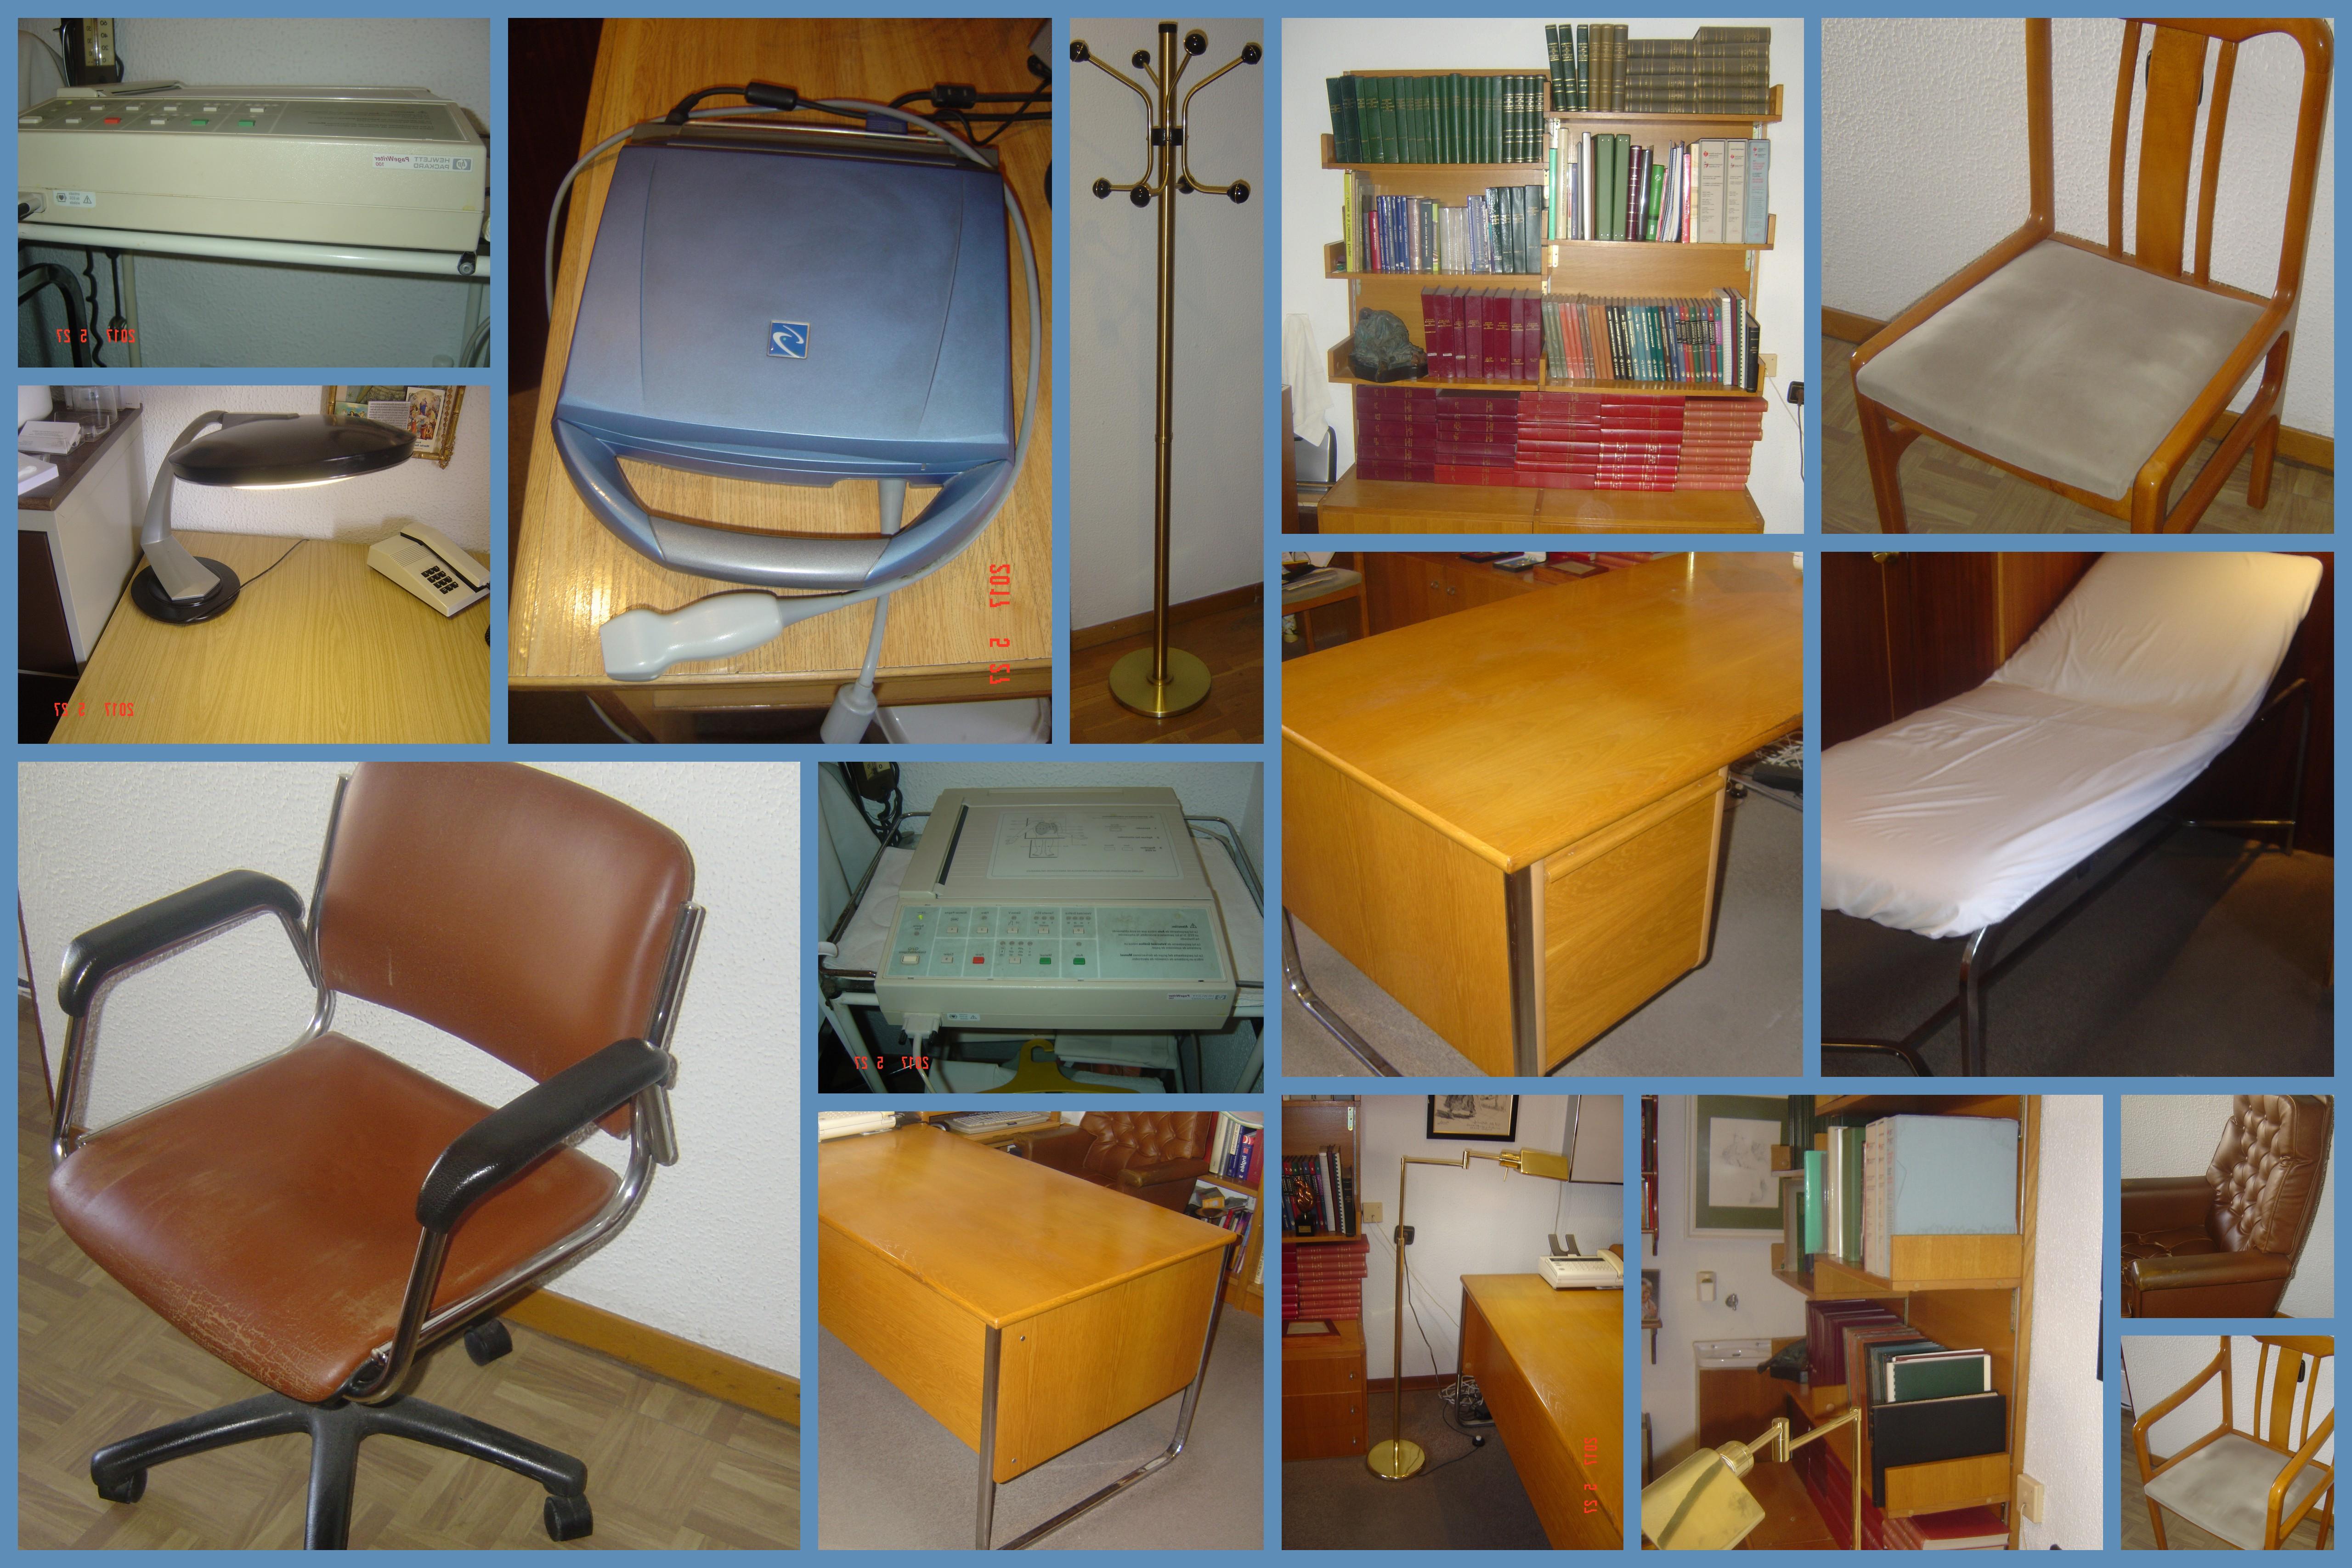 Mobiliario De Oficina Malaga 8ydm Venta De Muebles Usados De Oficina Y Material MÃ Dico